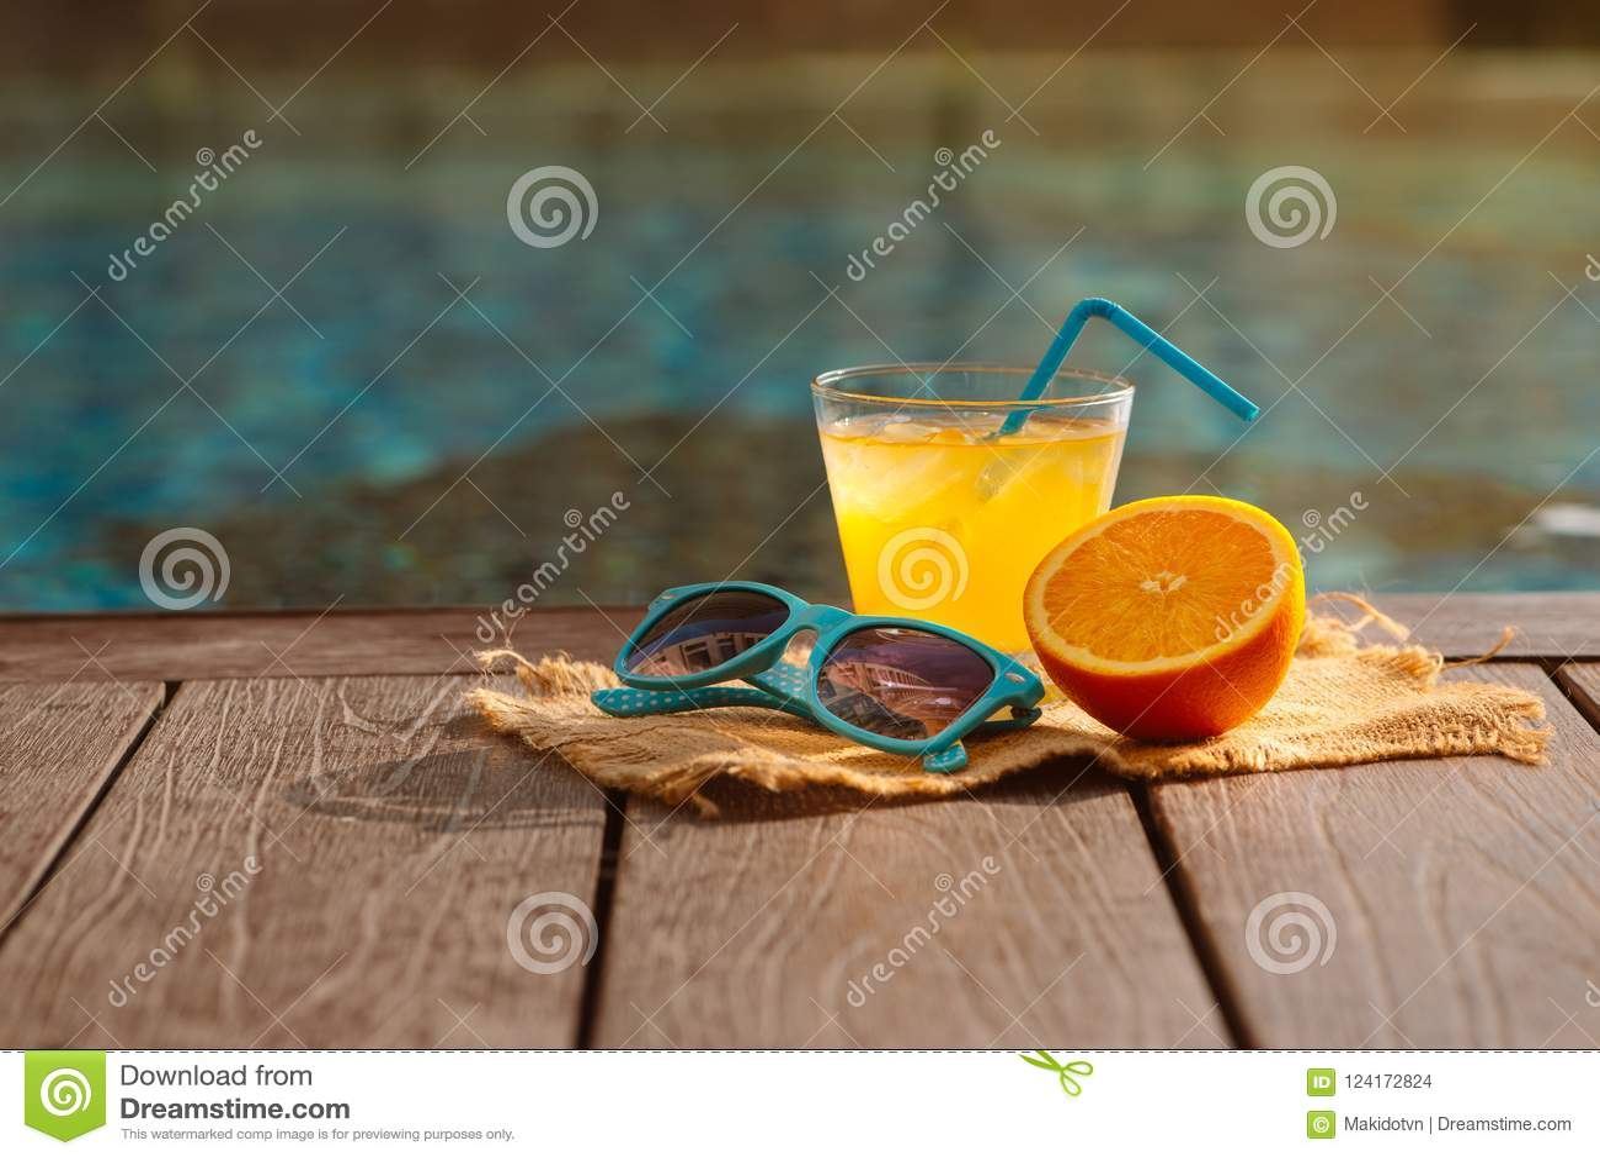 橙色新汁液圆滑的人饮料,太阳镜临近游泳池